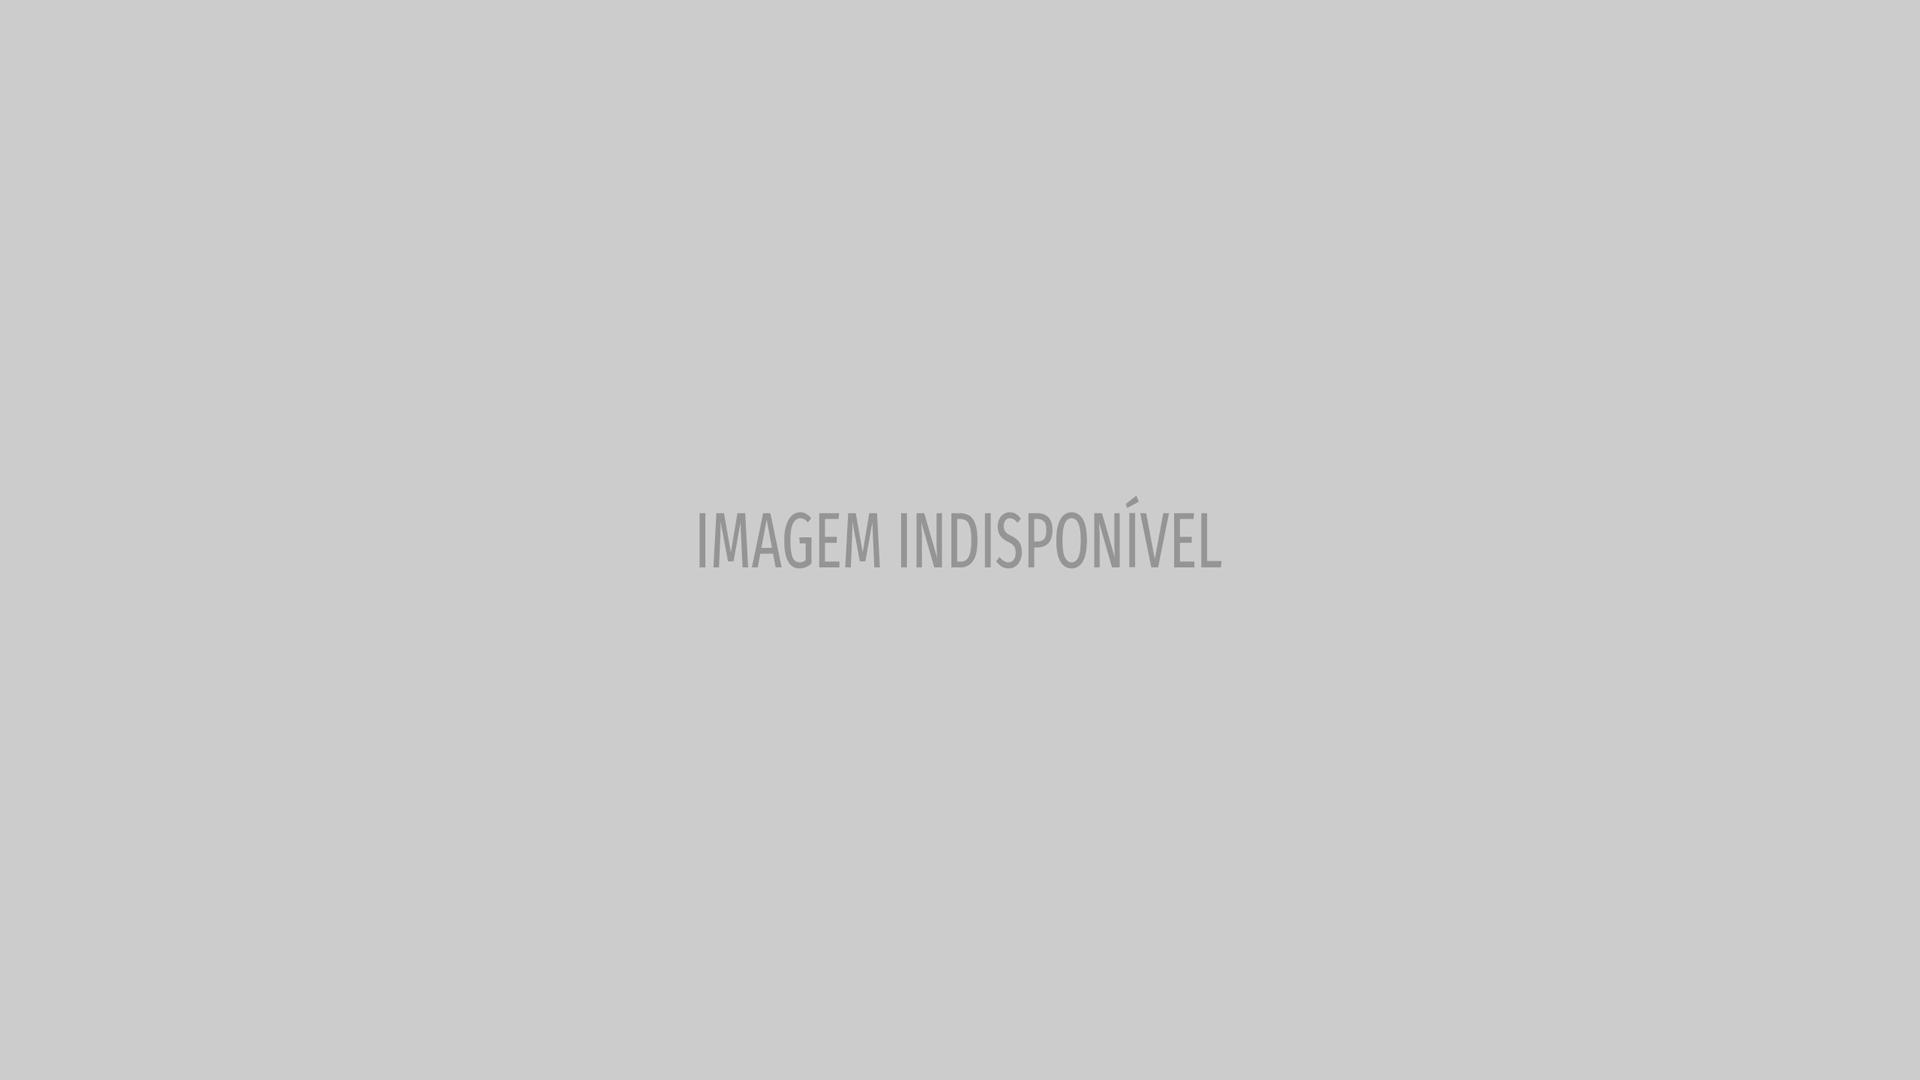 Cover de Lady Gaga, Roma Gaga consola fãs em frente a hotel no Rio